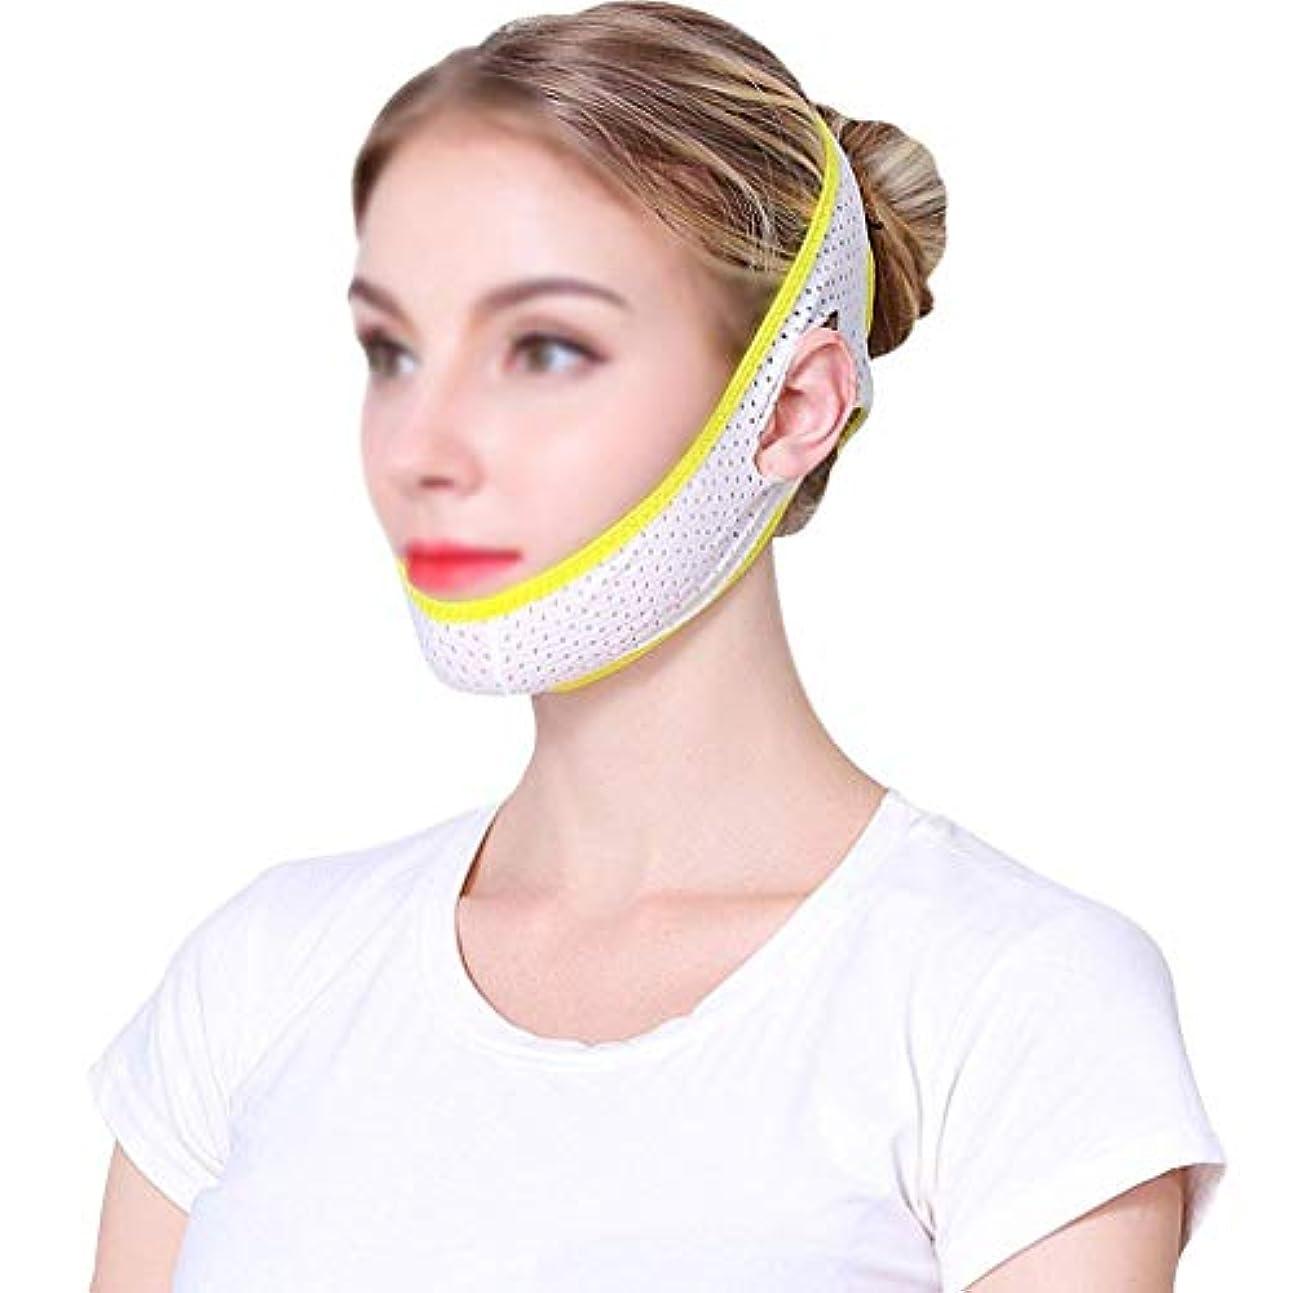 卒業記念アルバム快い封筒マスク、包帯、整形外科の夏の通気性の薄いセクション二重あごひものVの表面の薄いフェイスマスクを持ち上げて下さい